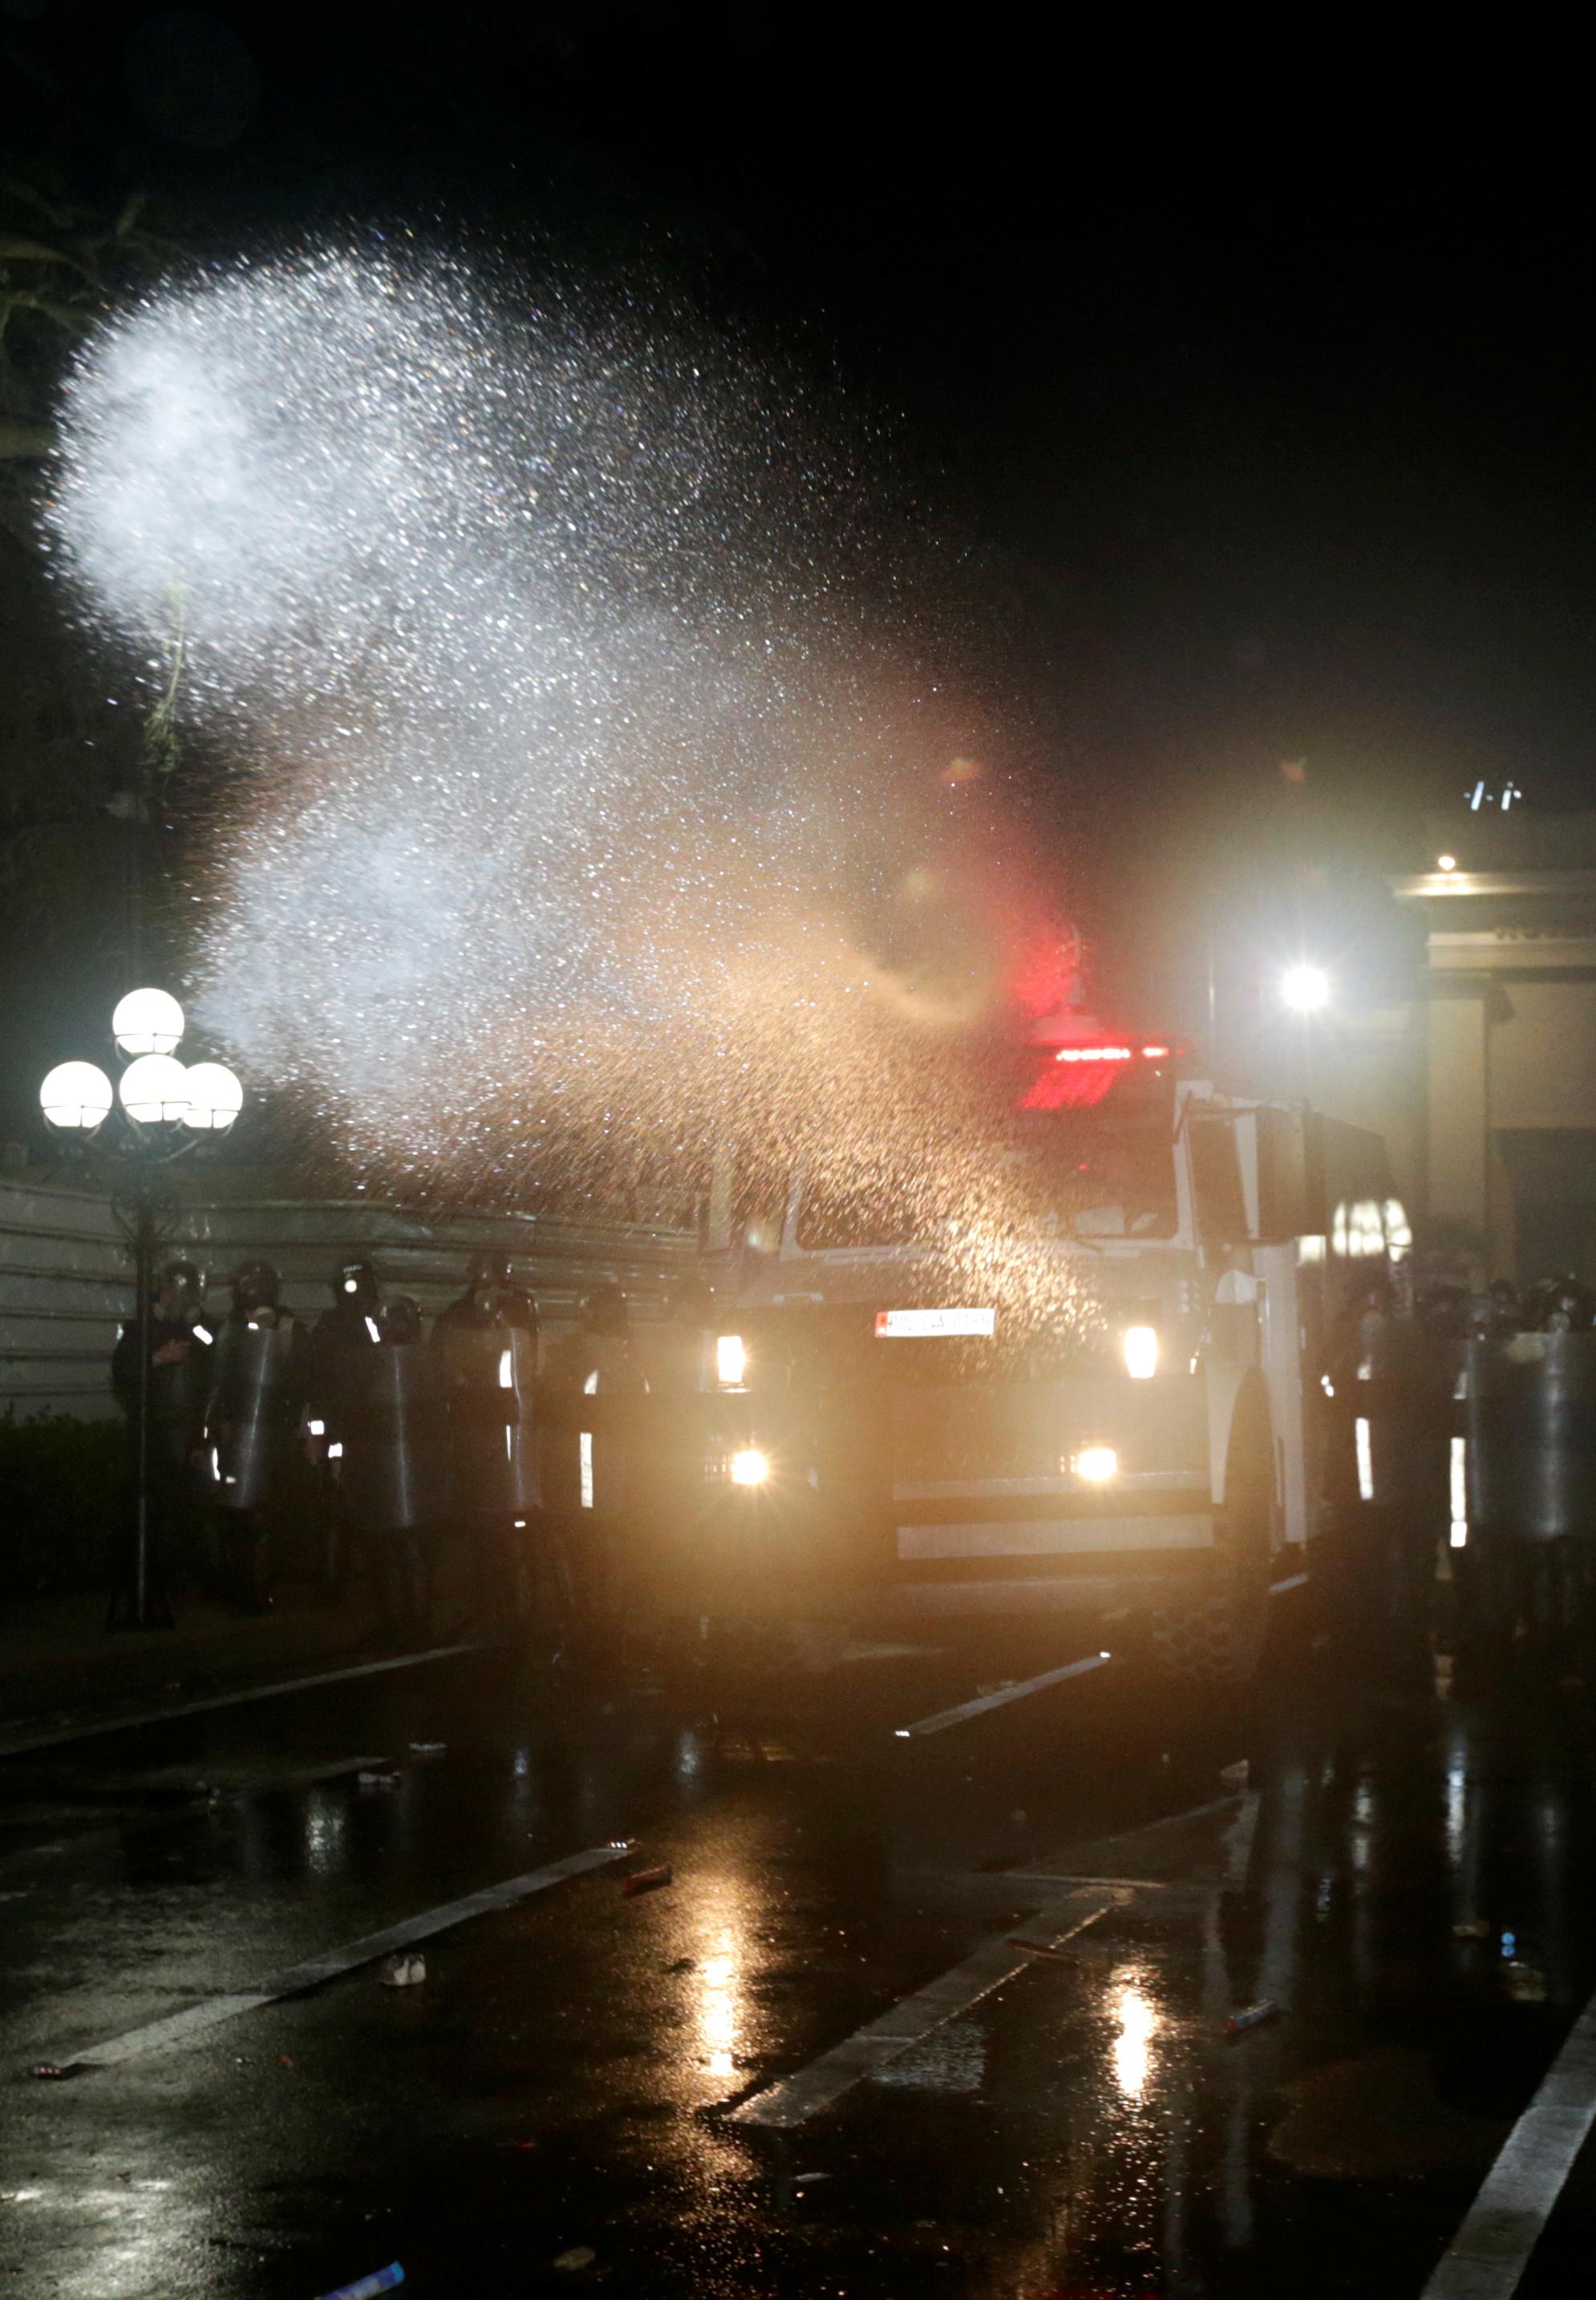 شوهد ضباط الشرطة خلال مظاهرة مناهضة للحكومة أمام مبنى البرلمان في تيرانا (4)